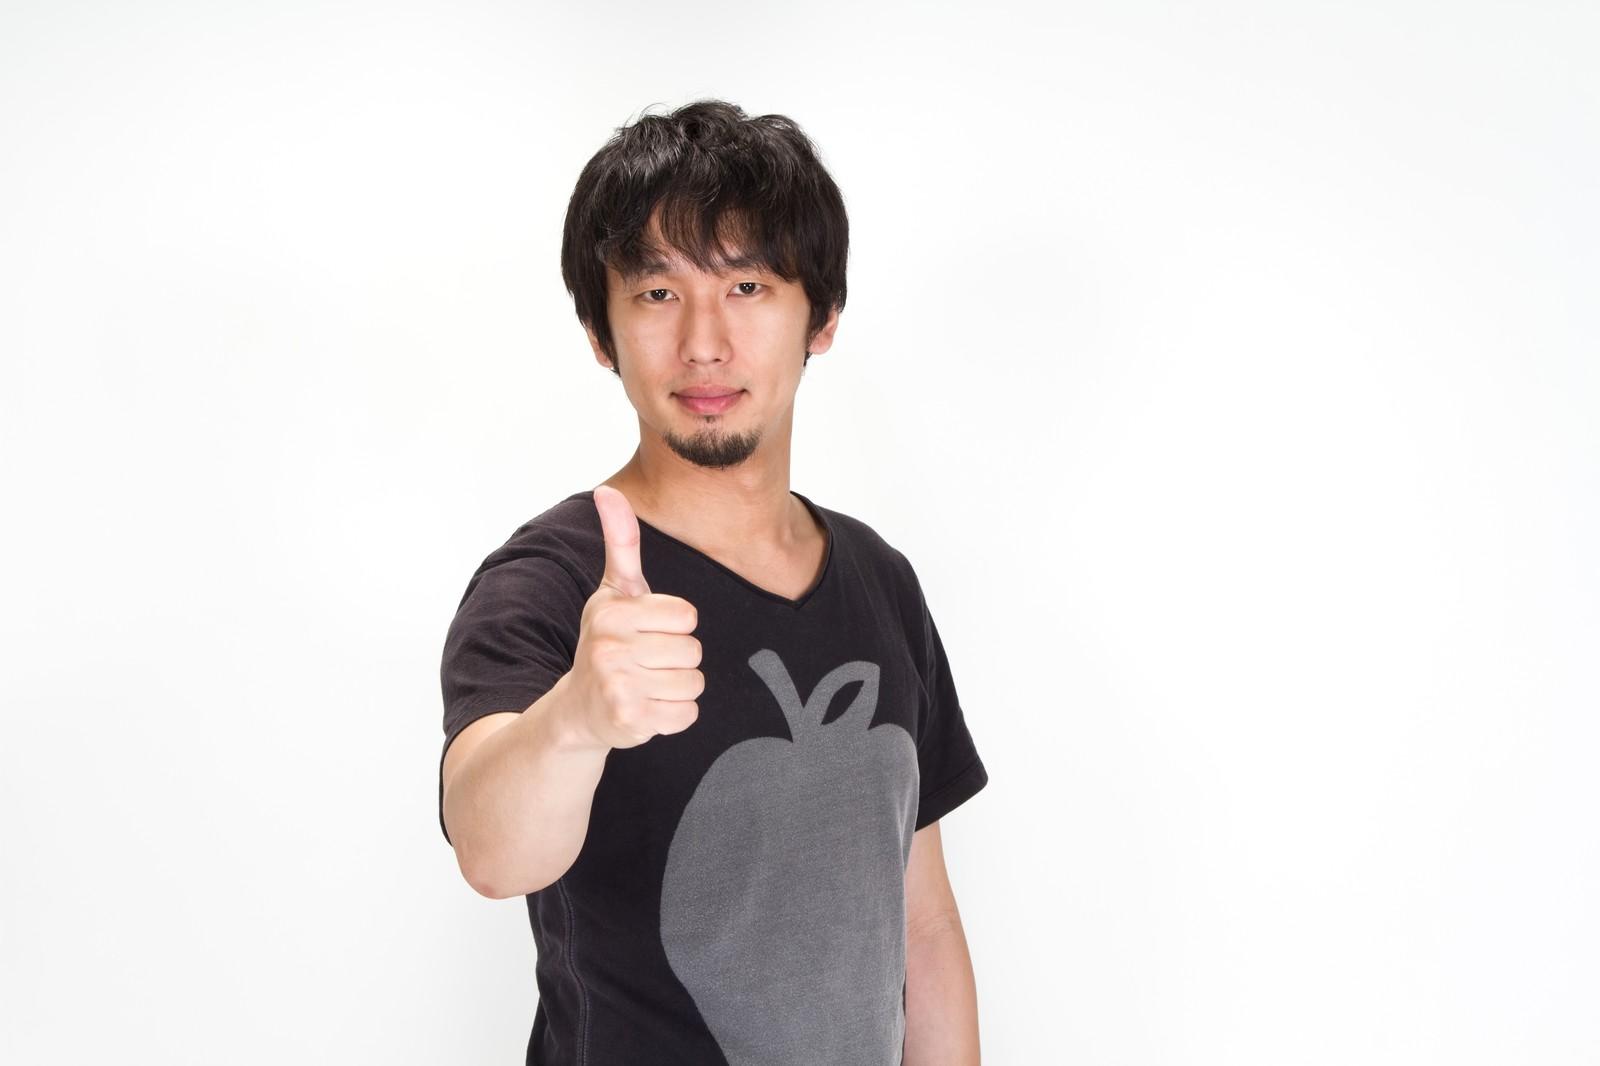 しょうゆ 顔 俳優